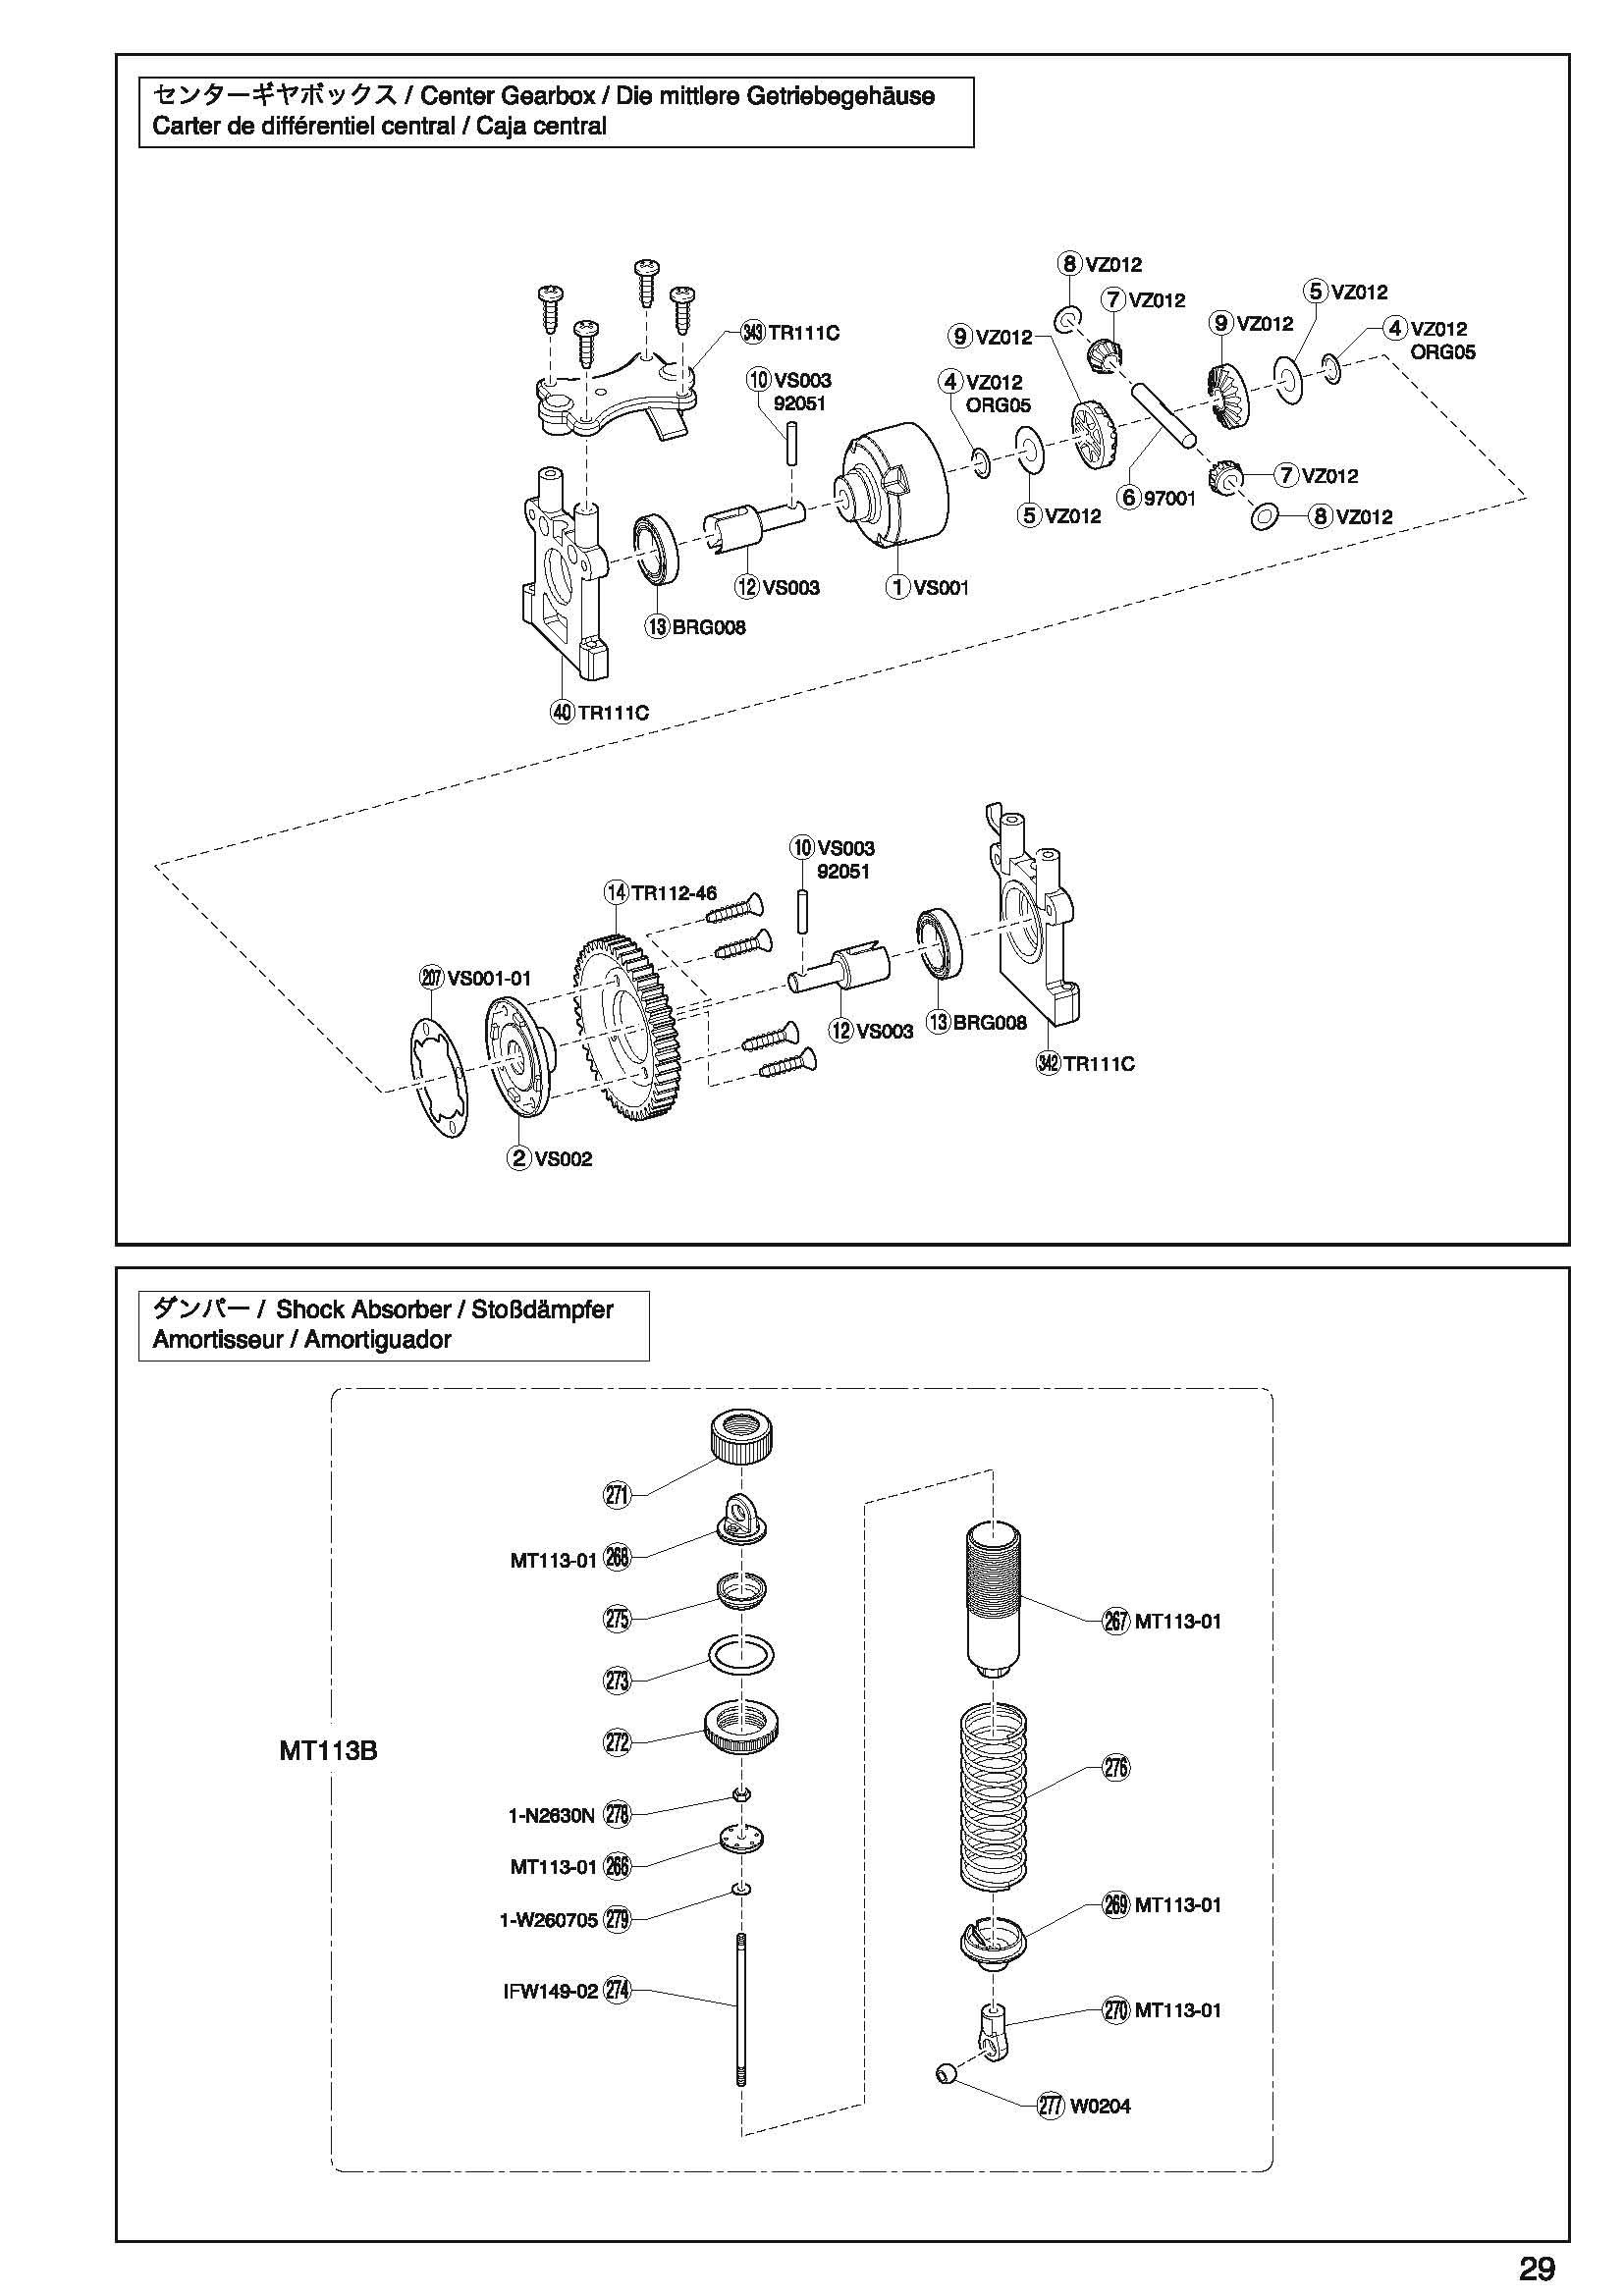 схема охлаждения багги д3 спринт